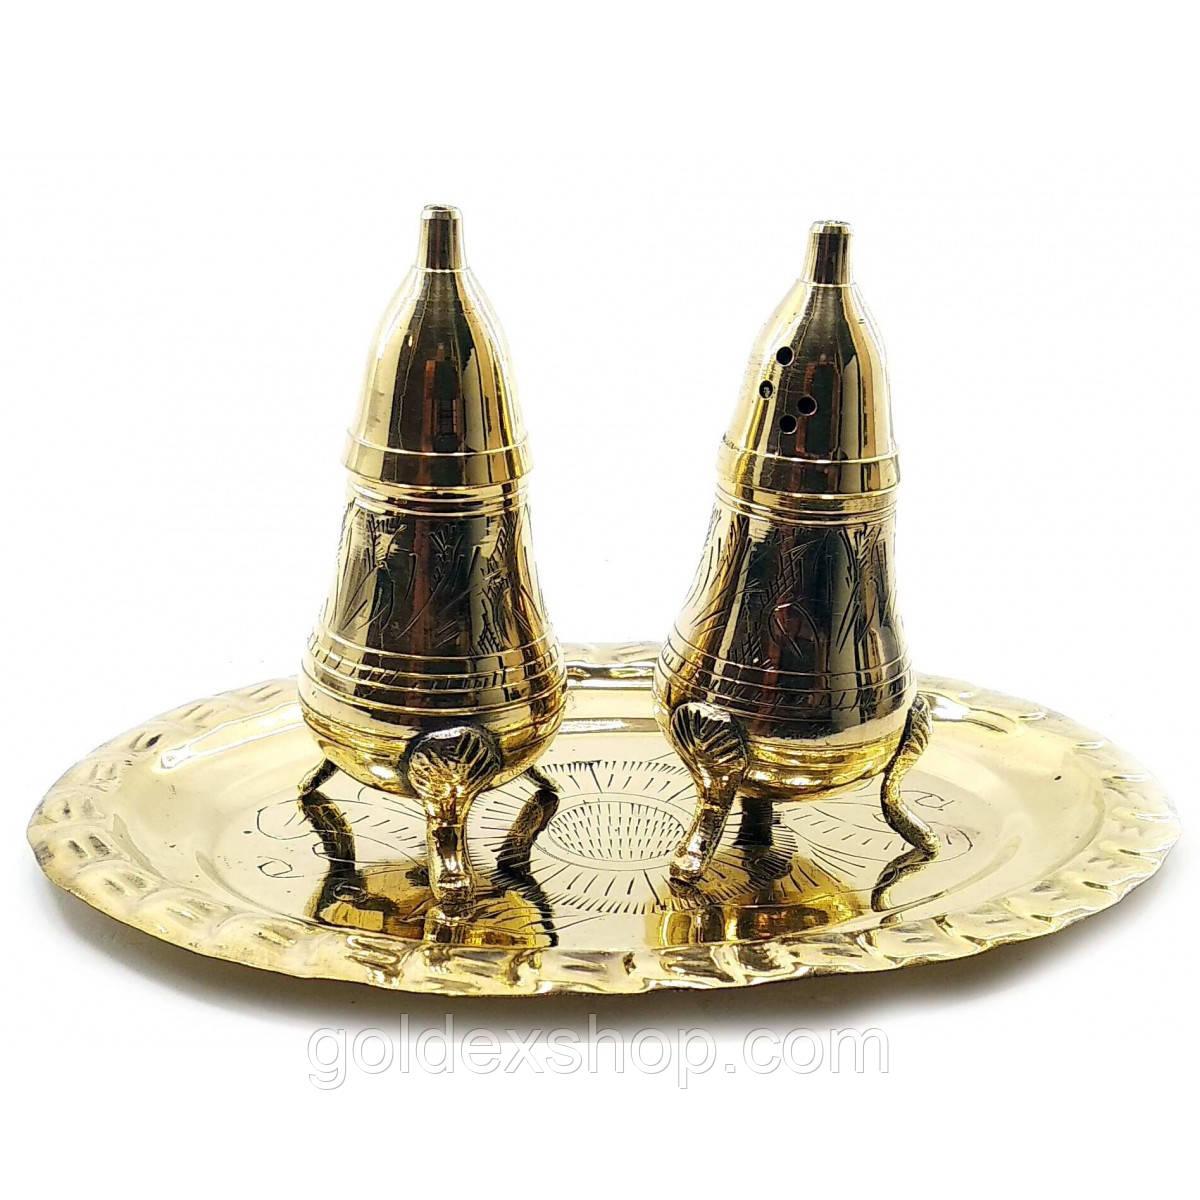 Солонка с перечницей из бронзы на подносе (н-р 2 шт)